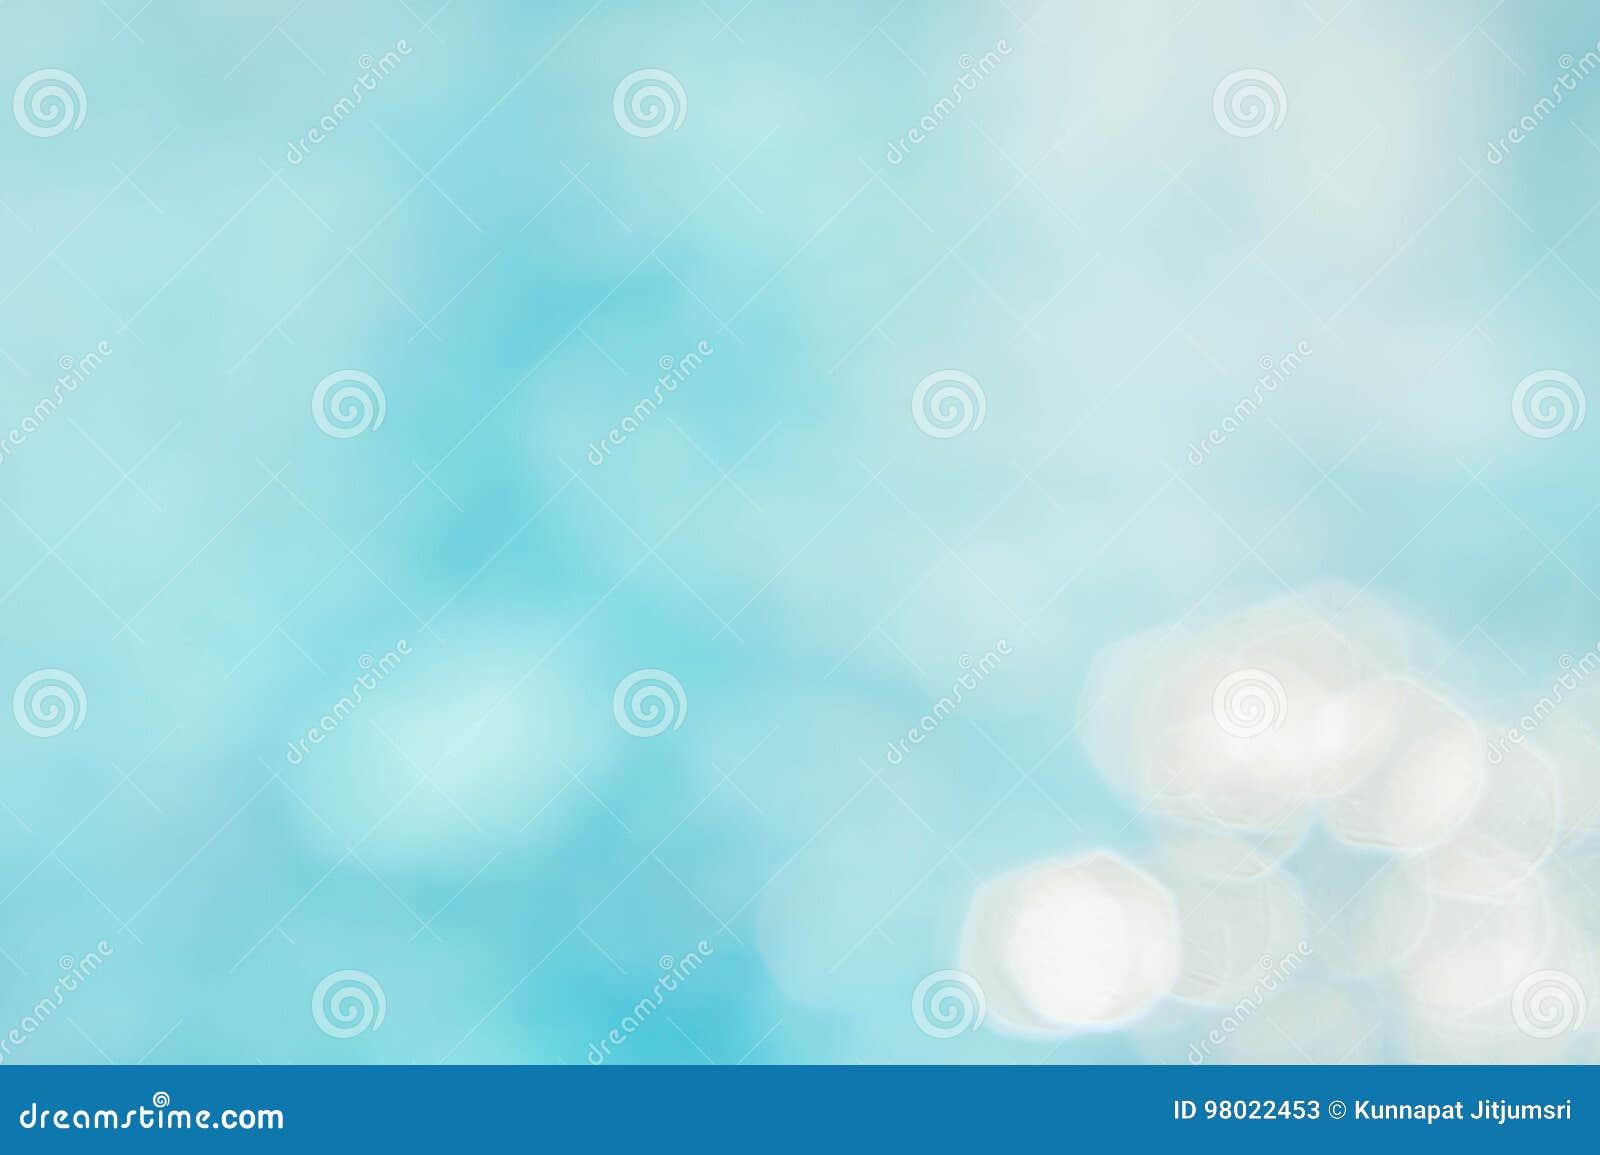 El backgruond azulverde abstracto de la falta de definición, wallpaper la onda azul con s